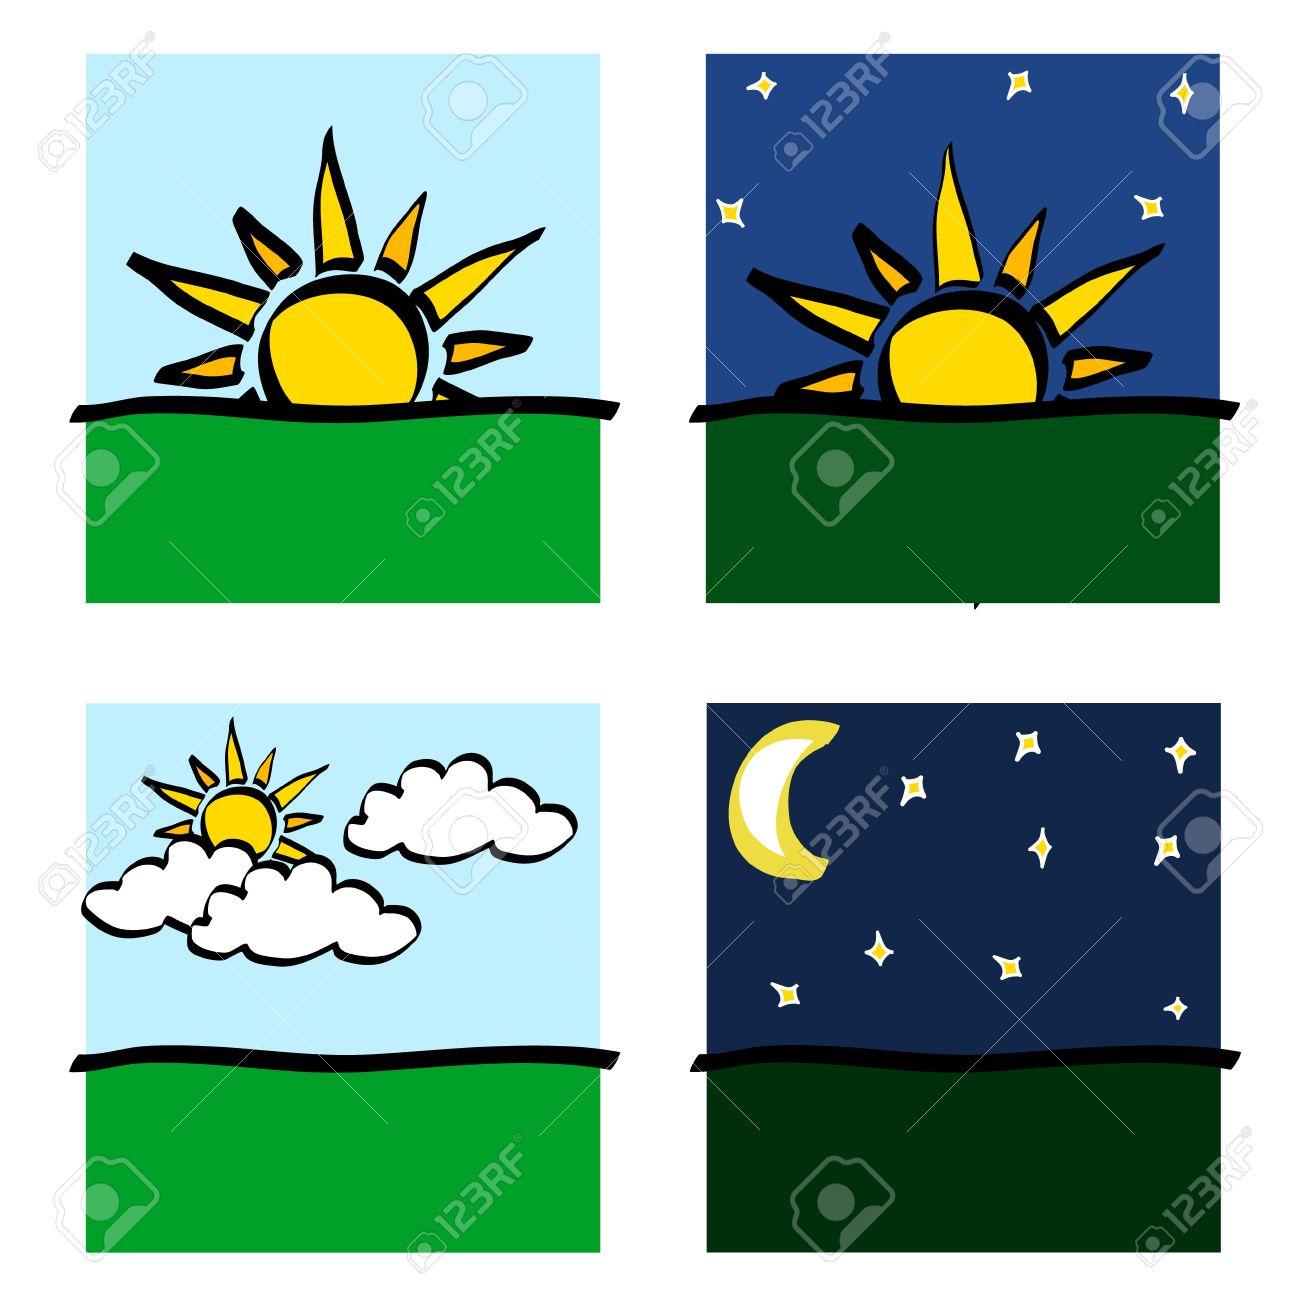 Jour, Coucher De Soleil, Lever Soleil, Lune Et Nuages ??icônes De on